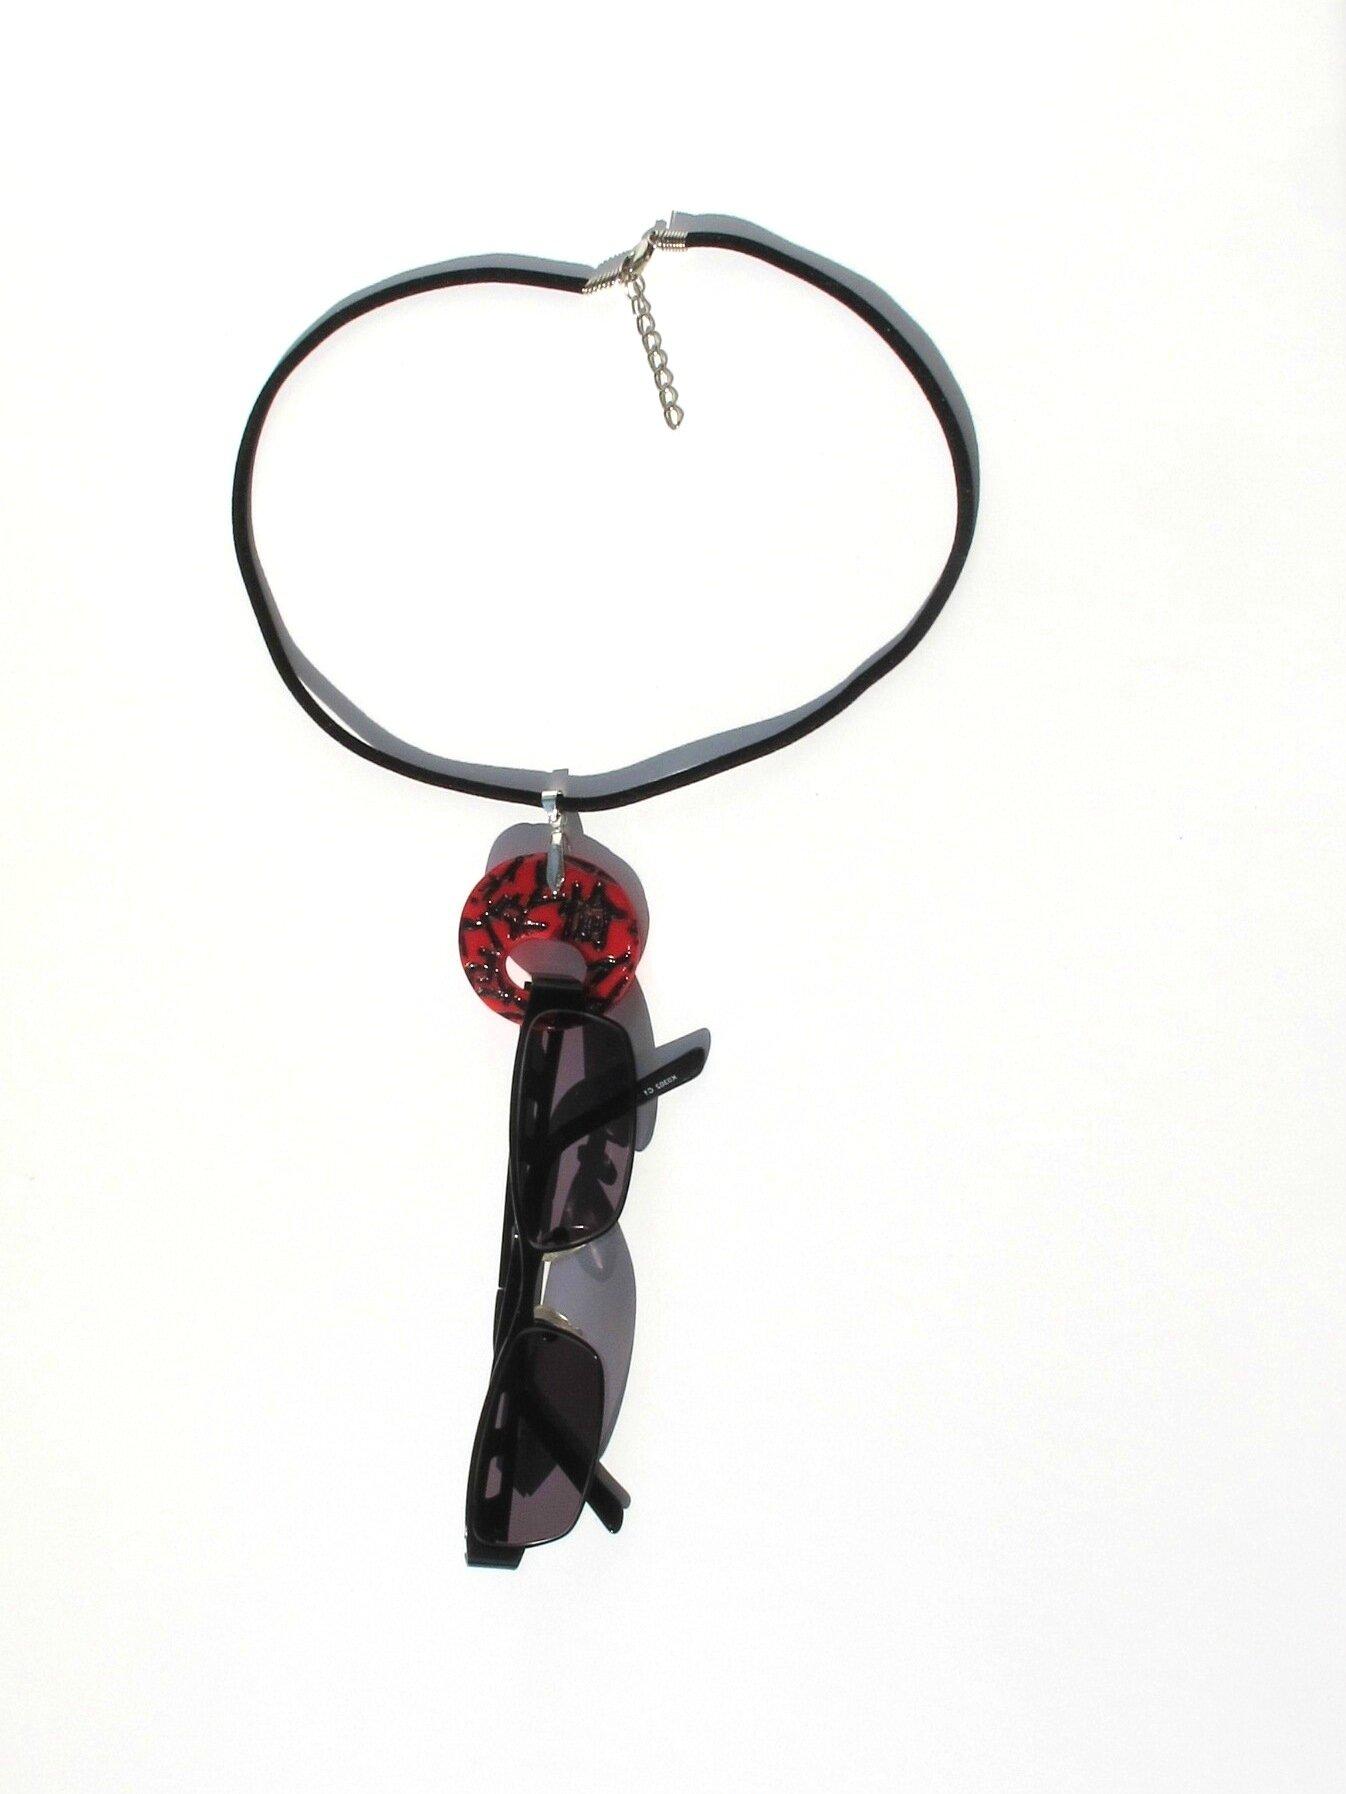 collier porte lunettes asiatique rouge et noir lunettes